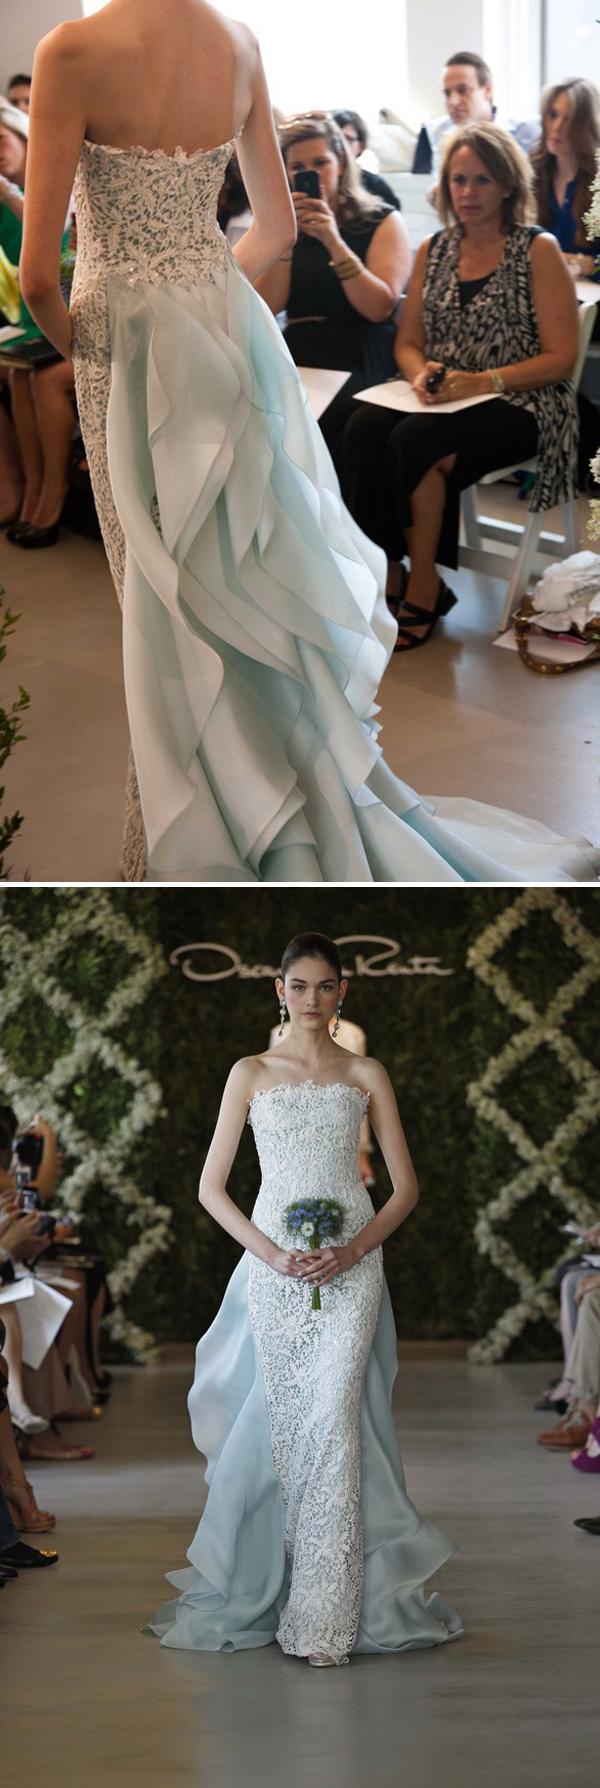 Oscar de la Renta Spring 2013 Bridal